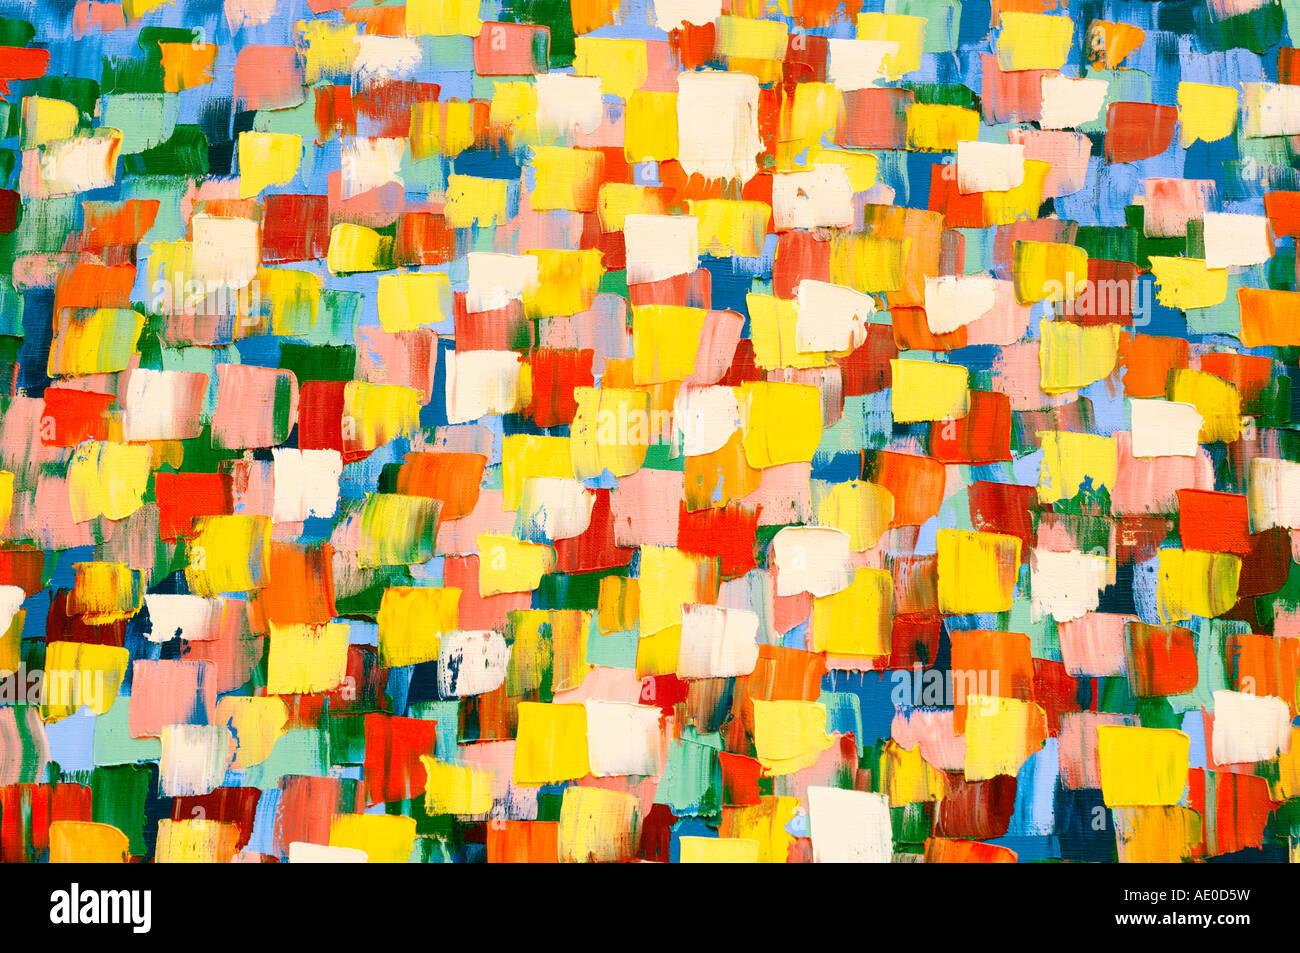 Psichedelico astratto pittura ad olio in luminosi colori di giallo Immagini Stock